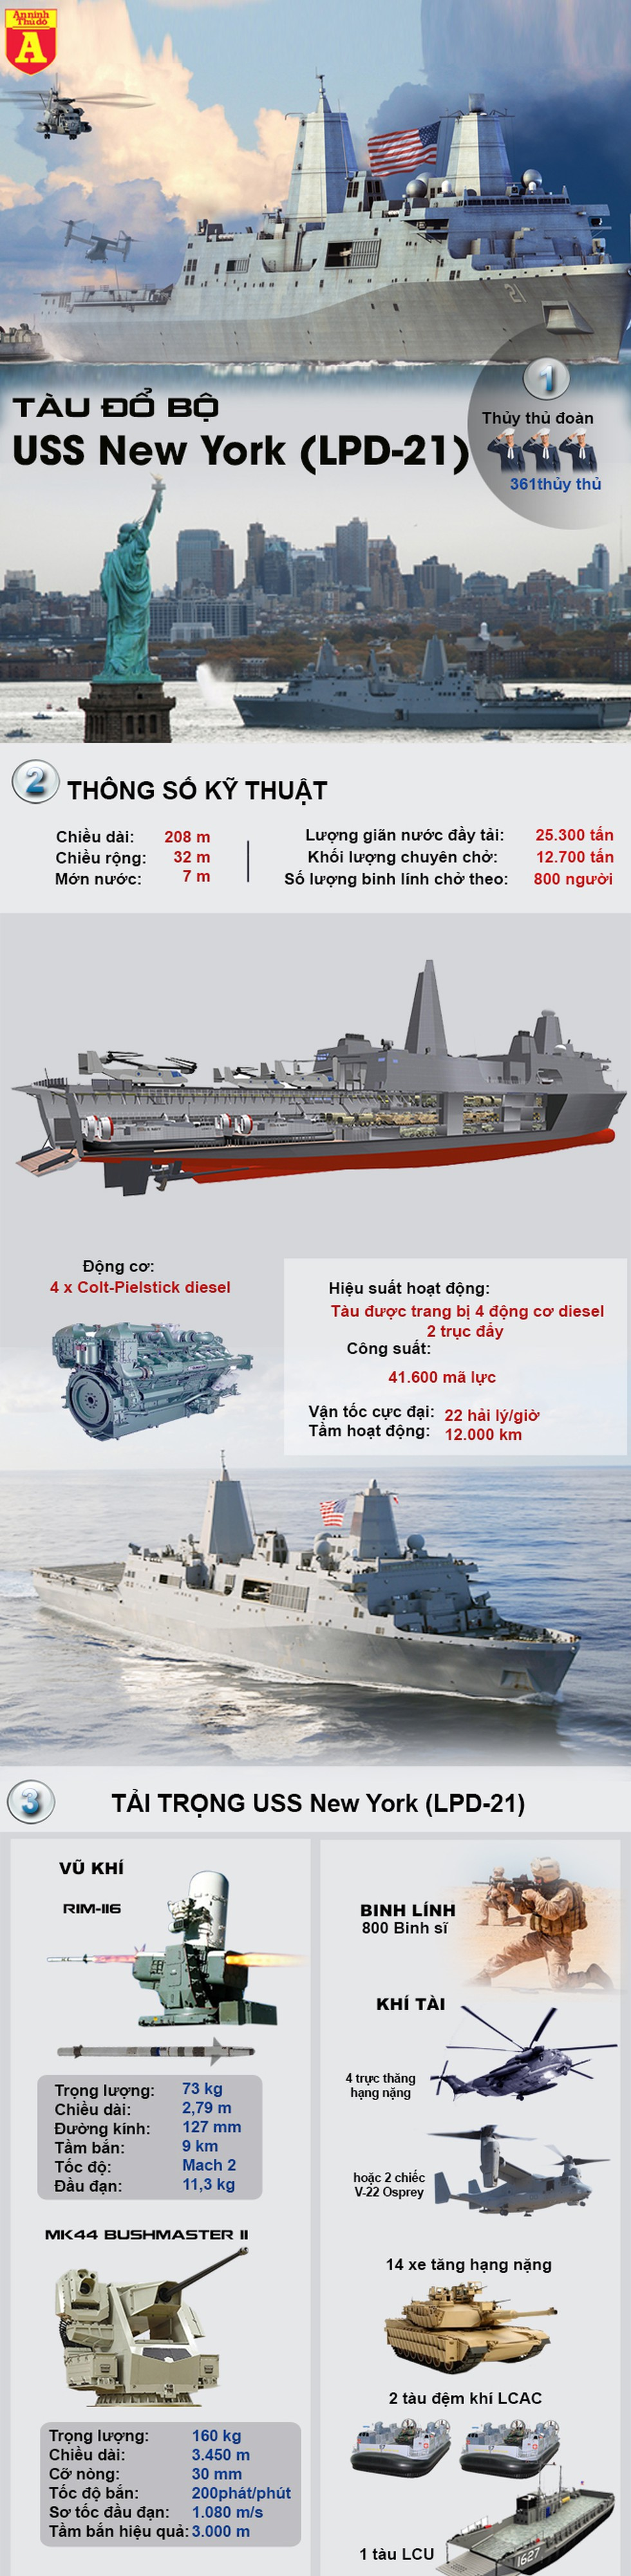 [Infographic] 7,5 tấn thép từ tòa tháp đôi vụ khủng bố 11-9 đã được dùng để chế tạo siêu chiến hạm này - Ảnh 1